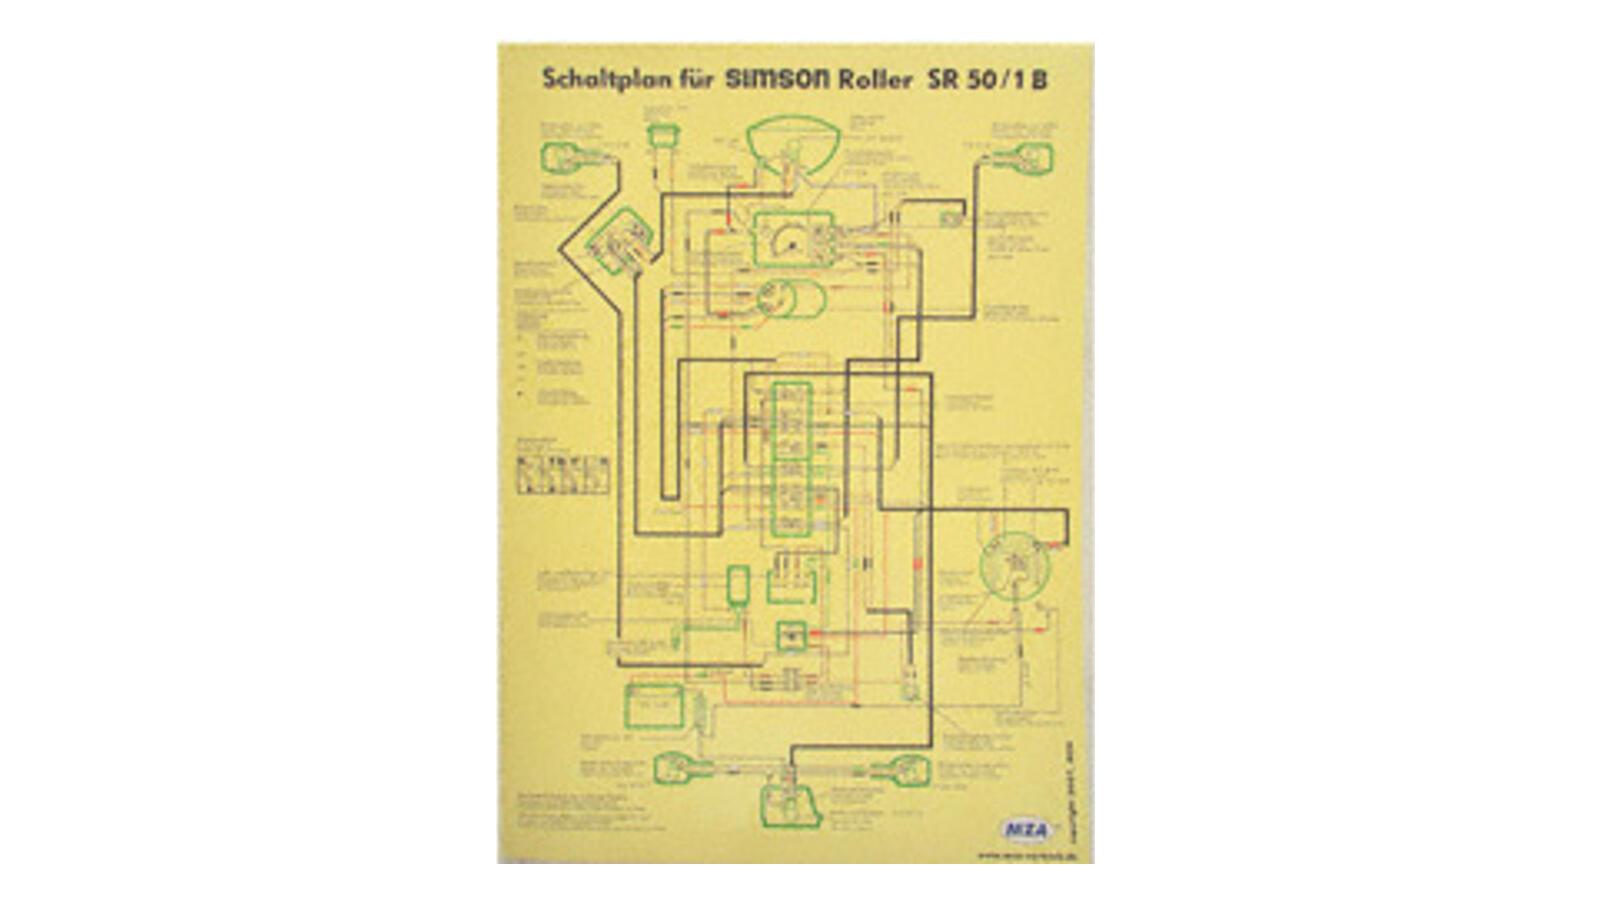 Schaltplan Farbposter (40x57cm) 12V Unterbrecher für Simson SR50